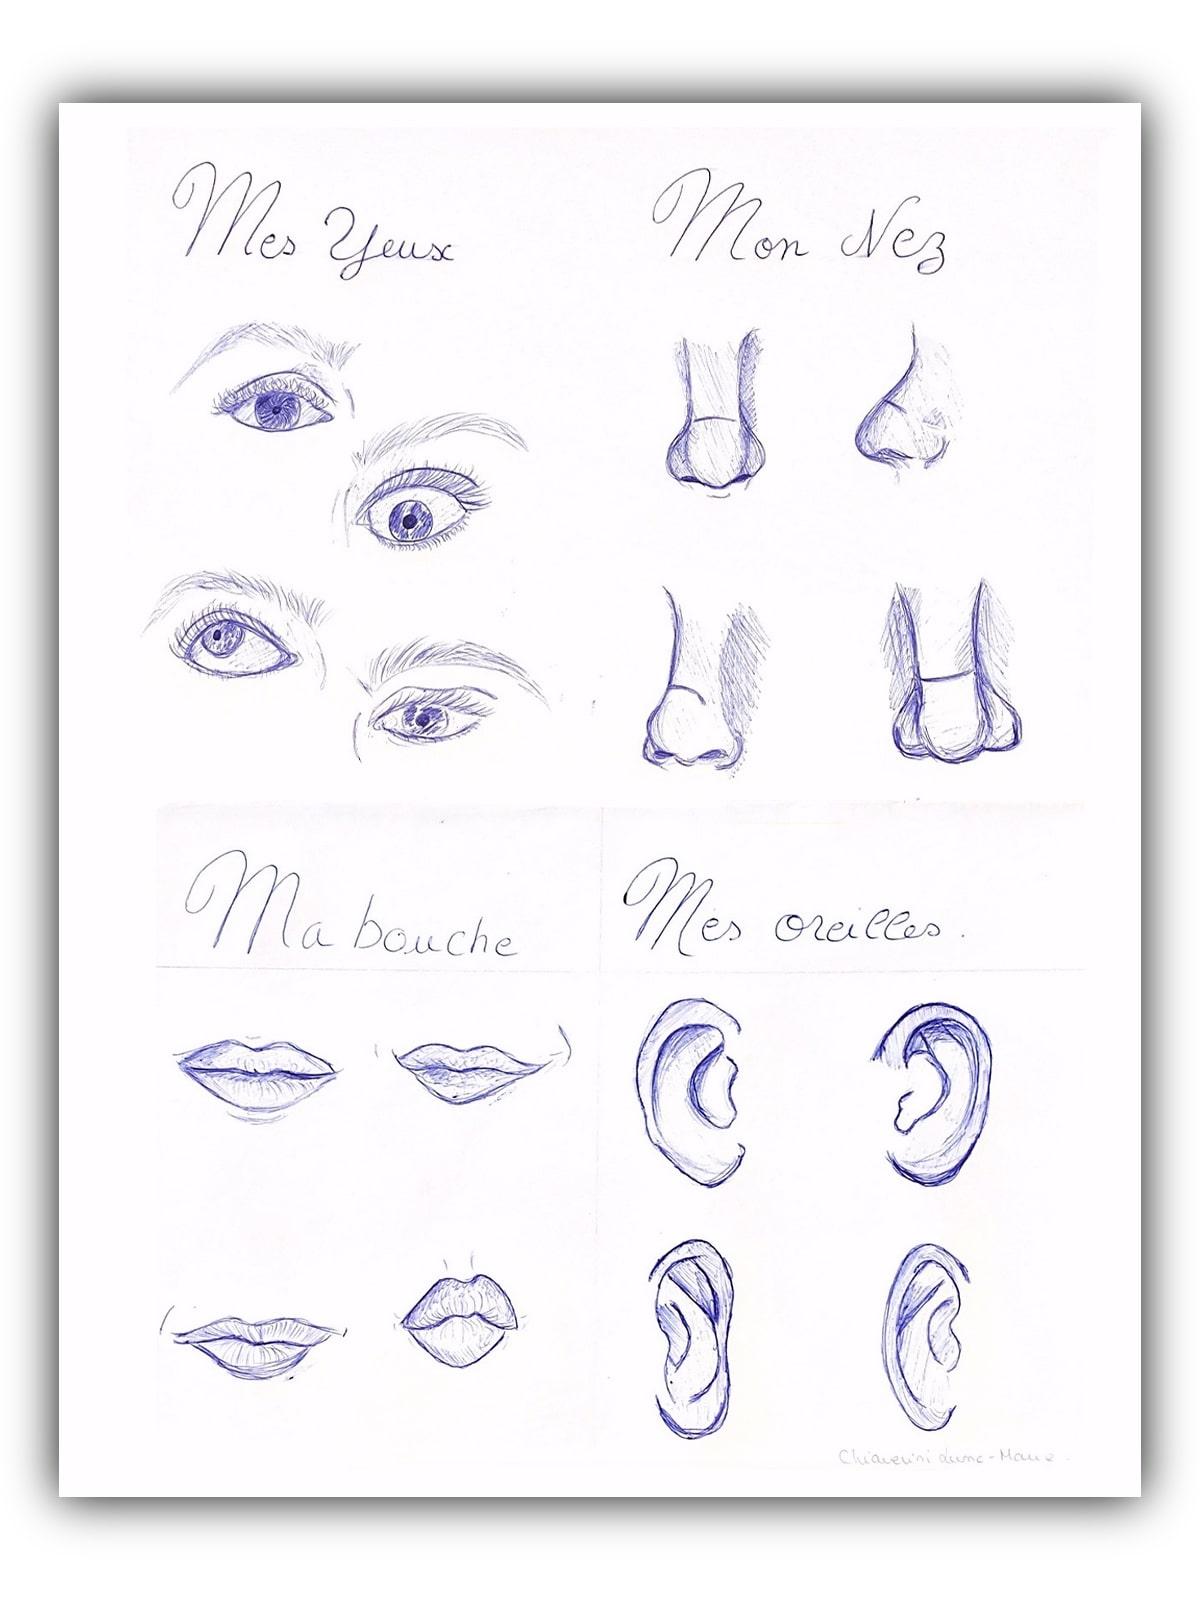 détails_visage_luna_marie_chiaverini_supdsign_2020-min